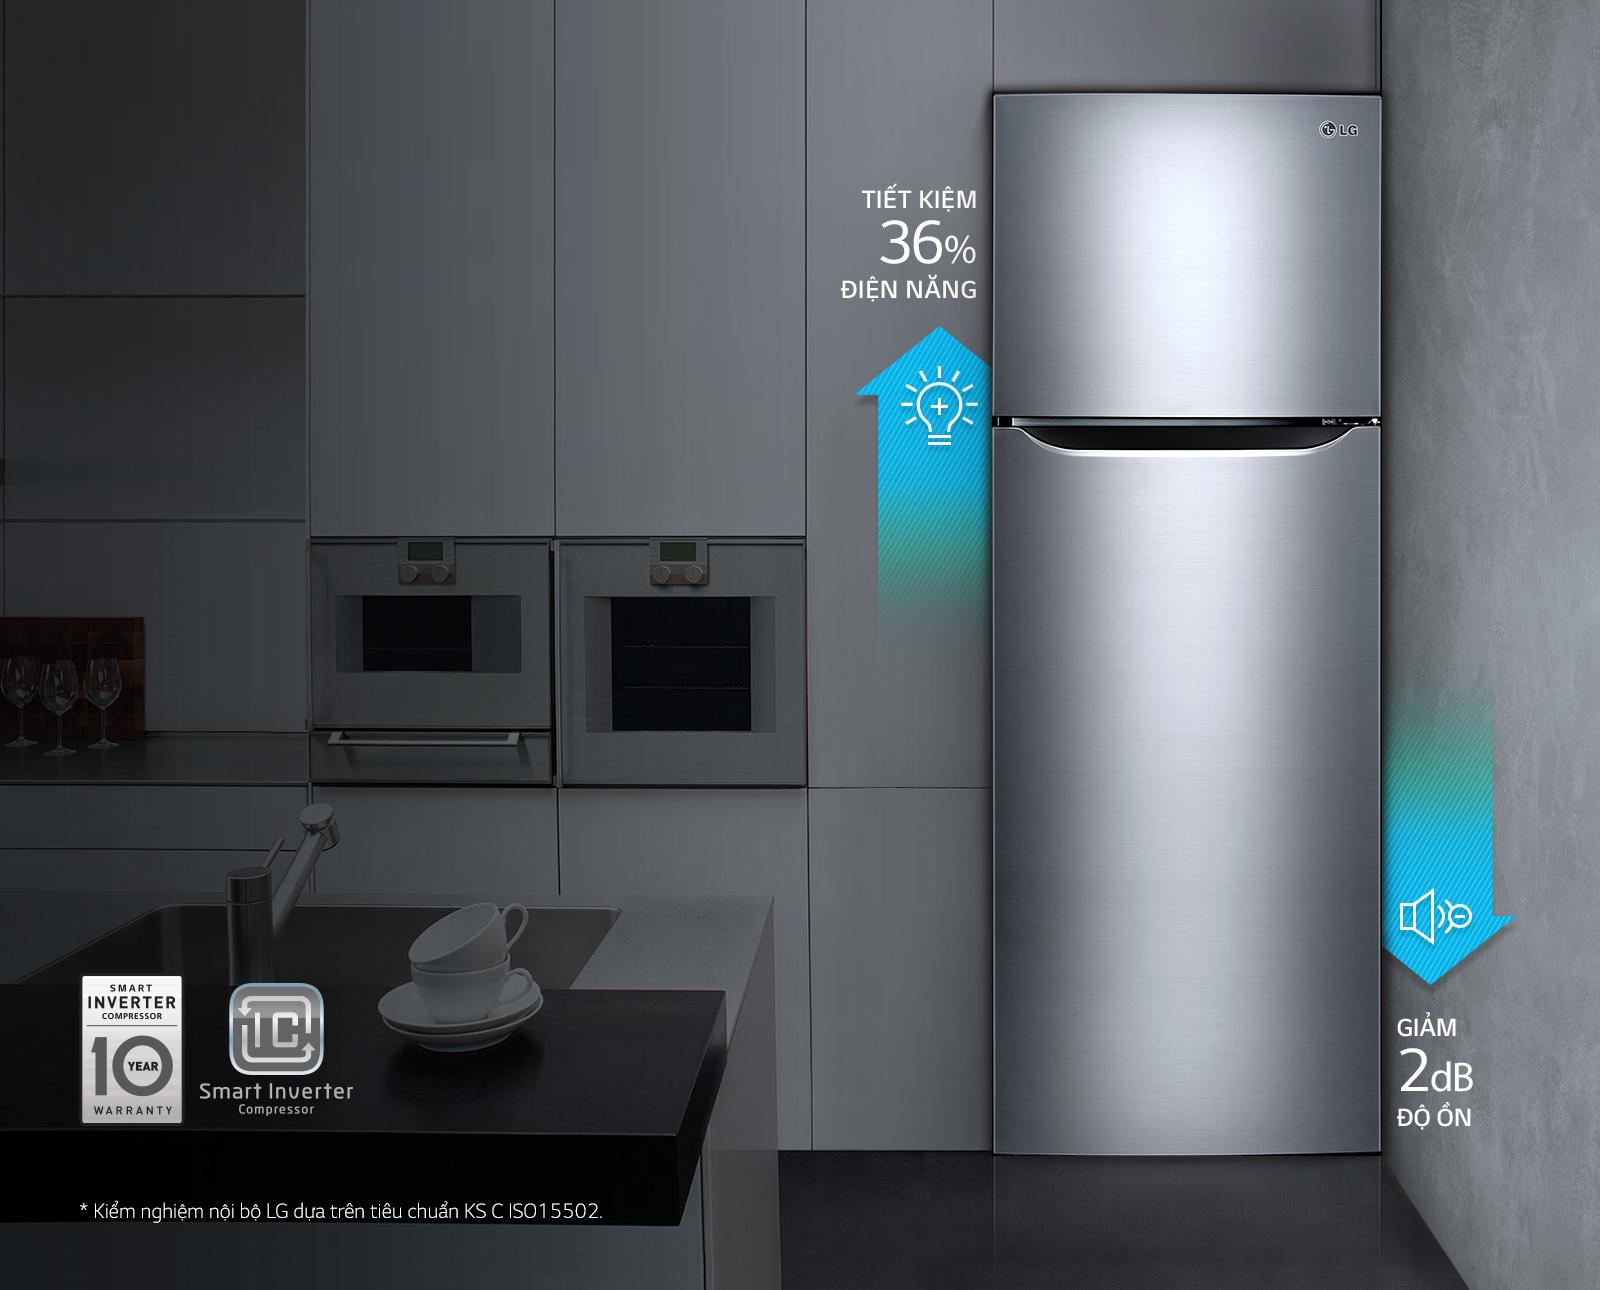 Tiết kiệm điện với máy nén Smart Inverter